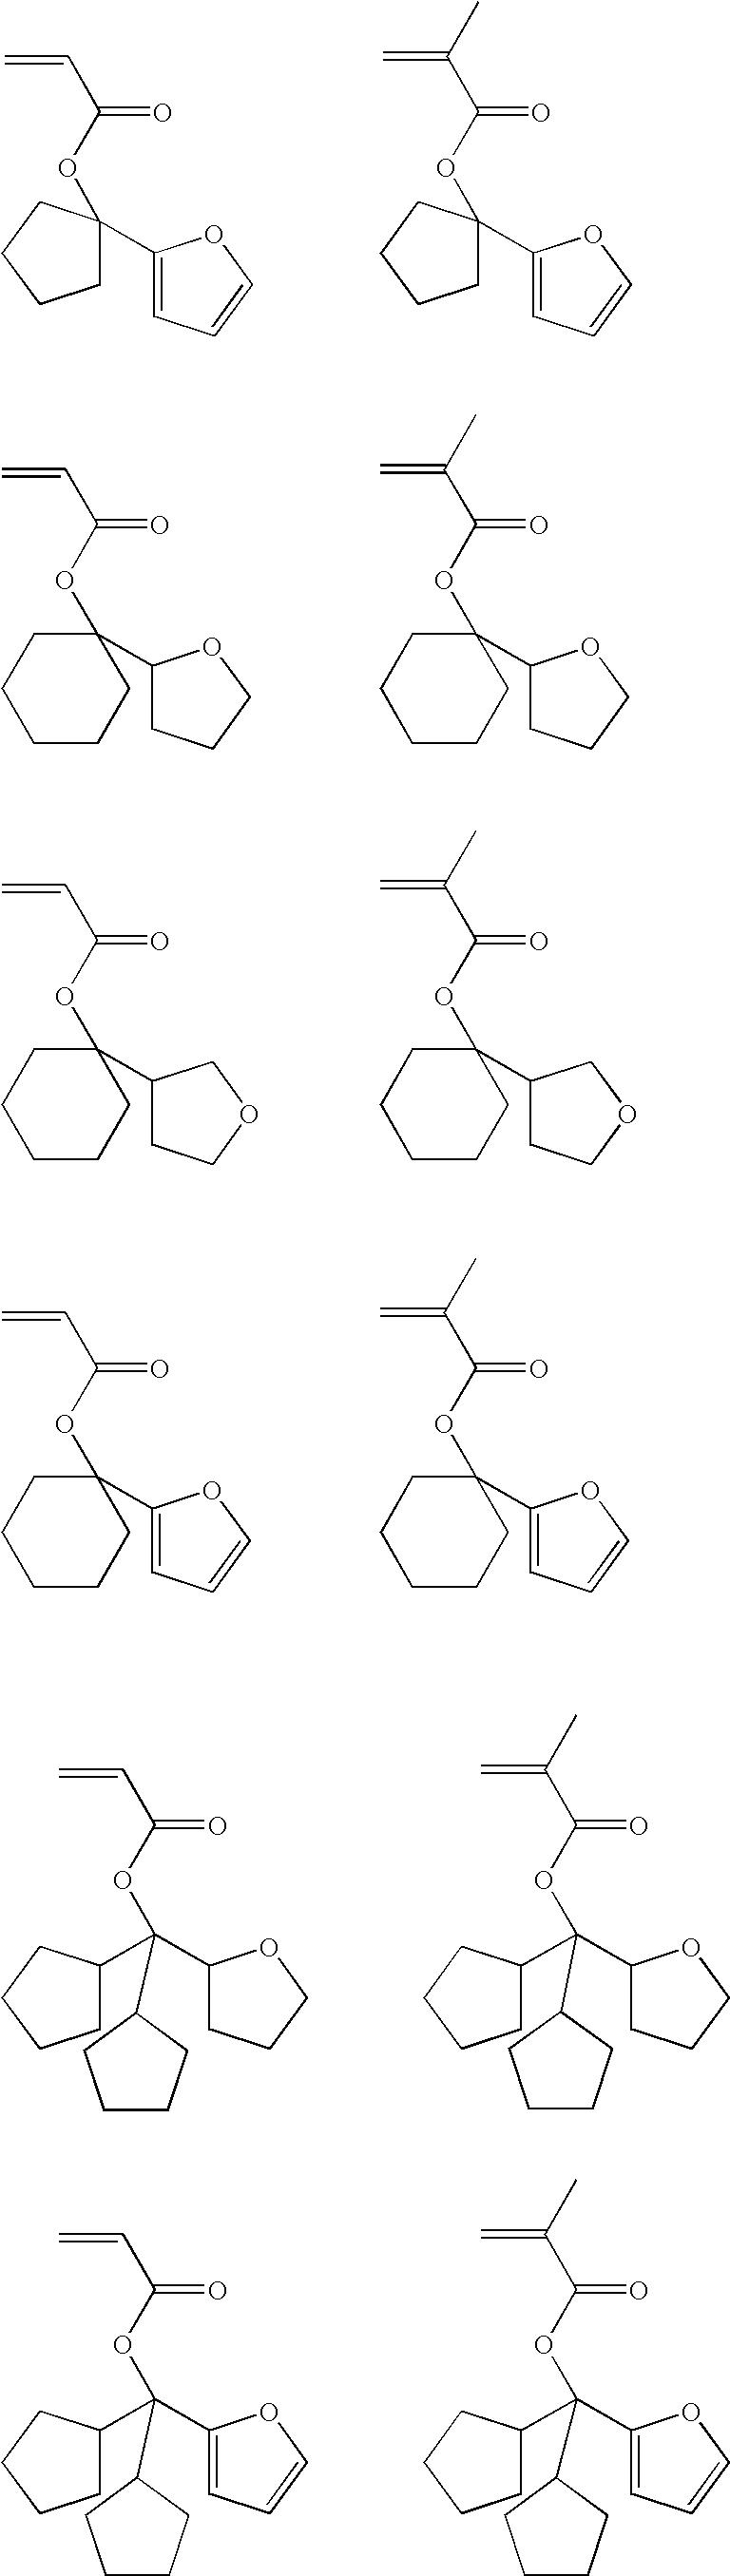 Figure US07368218-20080506-C00026